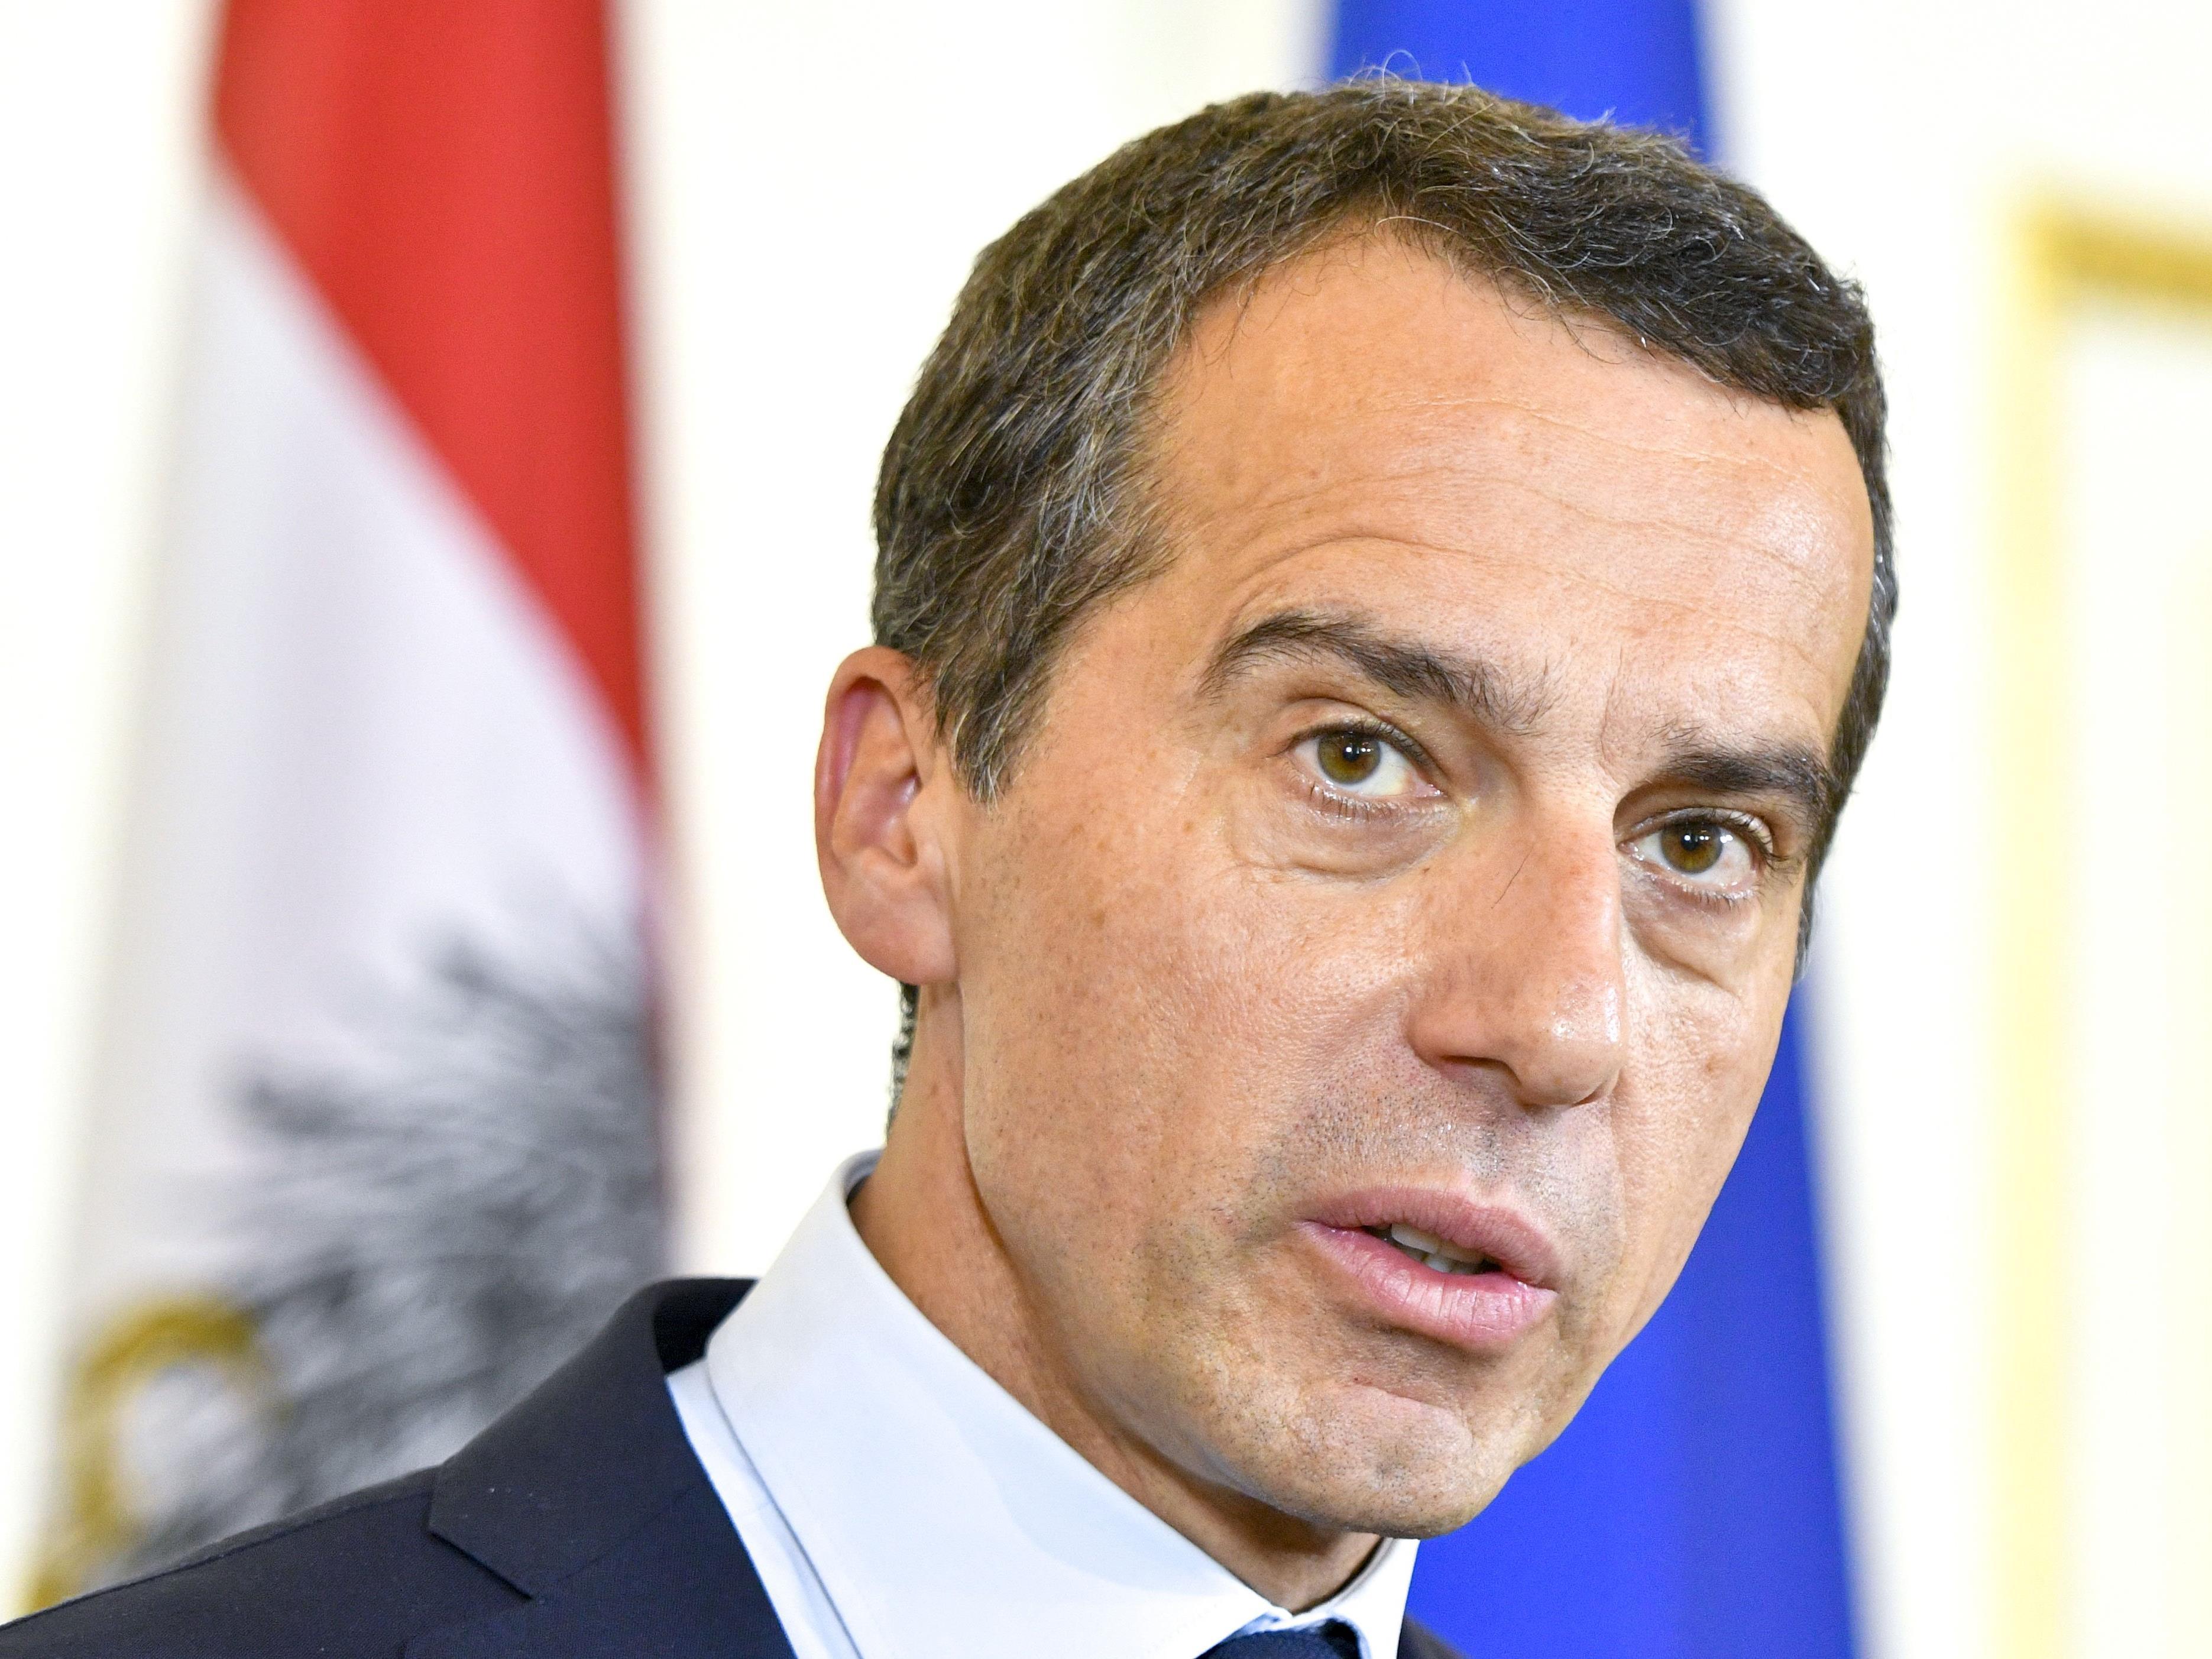 BK Christian Kern sieht EU-Vorsitz nicht als Grund für vorgezogene Wahl